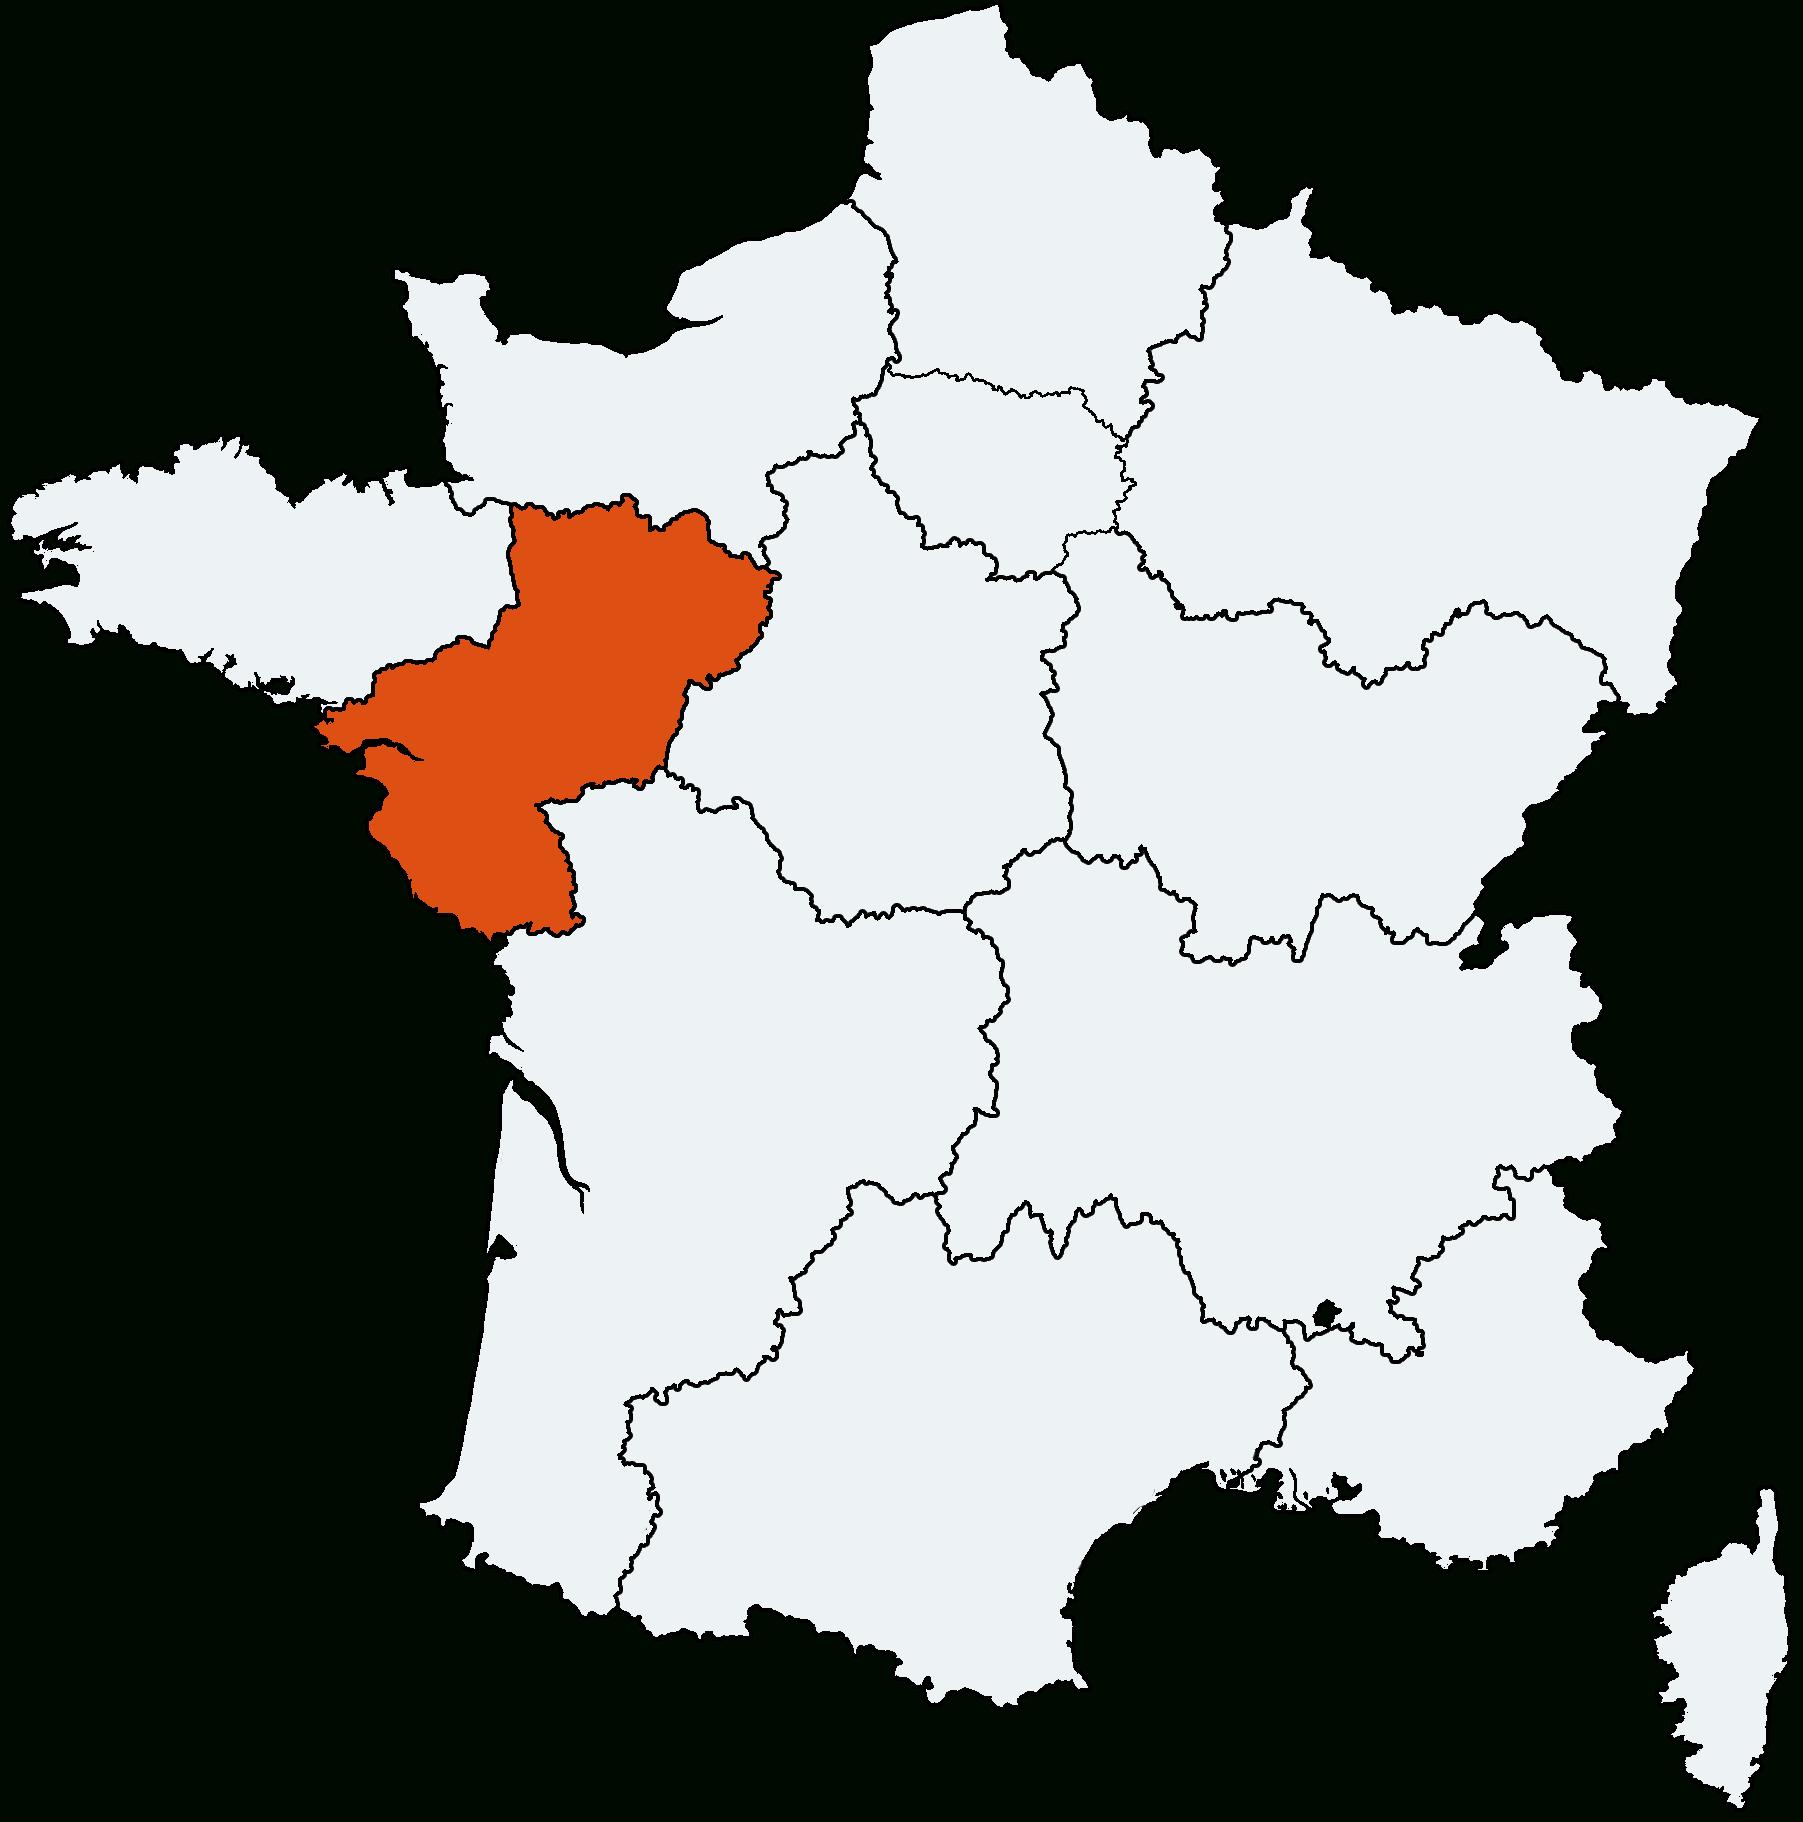 Carte Des 13 Régions Métropolitaines - Cartes À Mémoriser tout Les 13 Régions